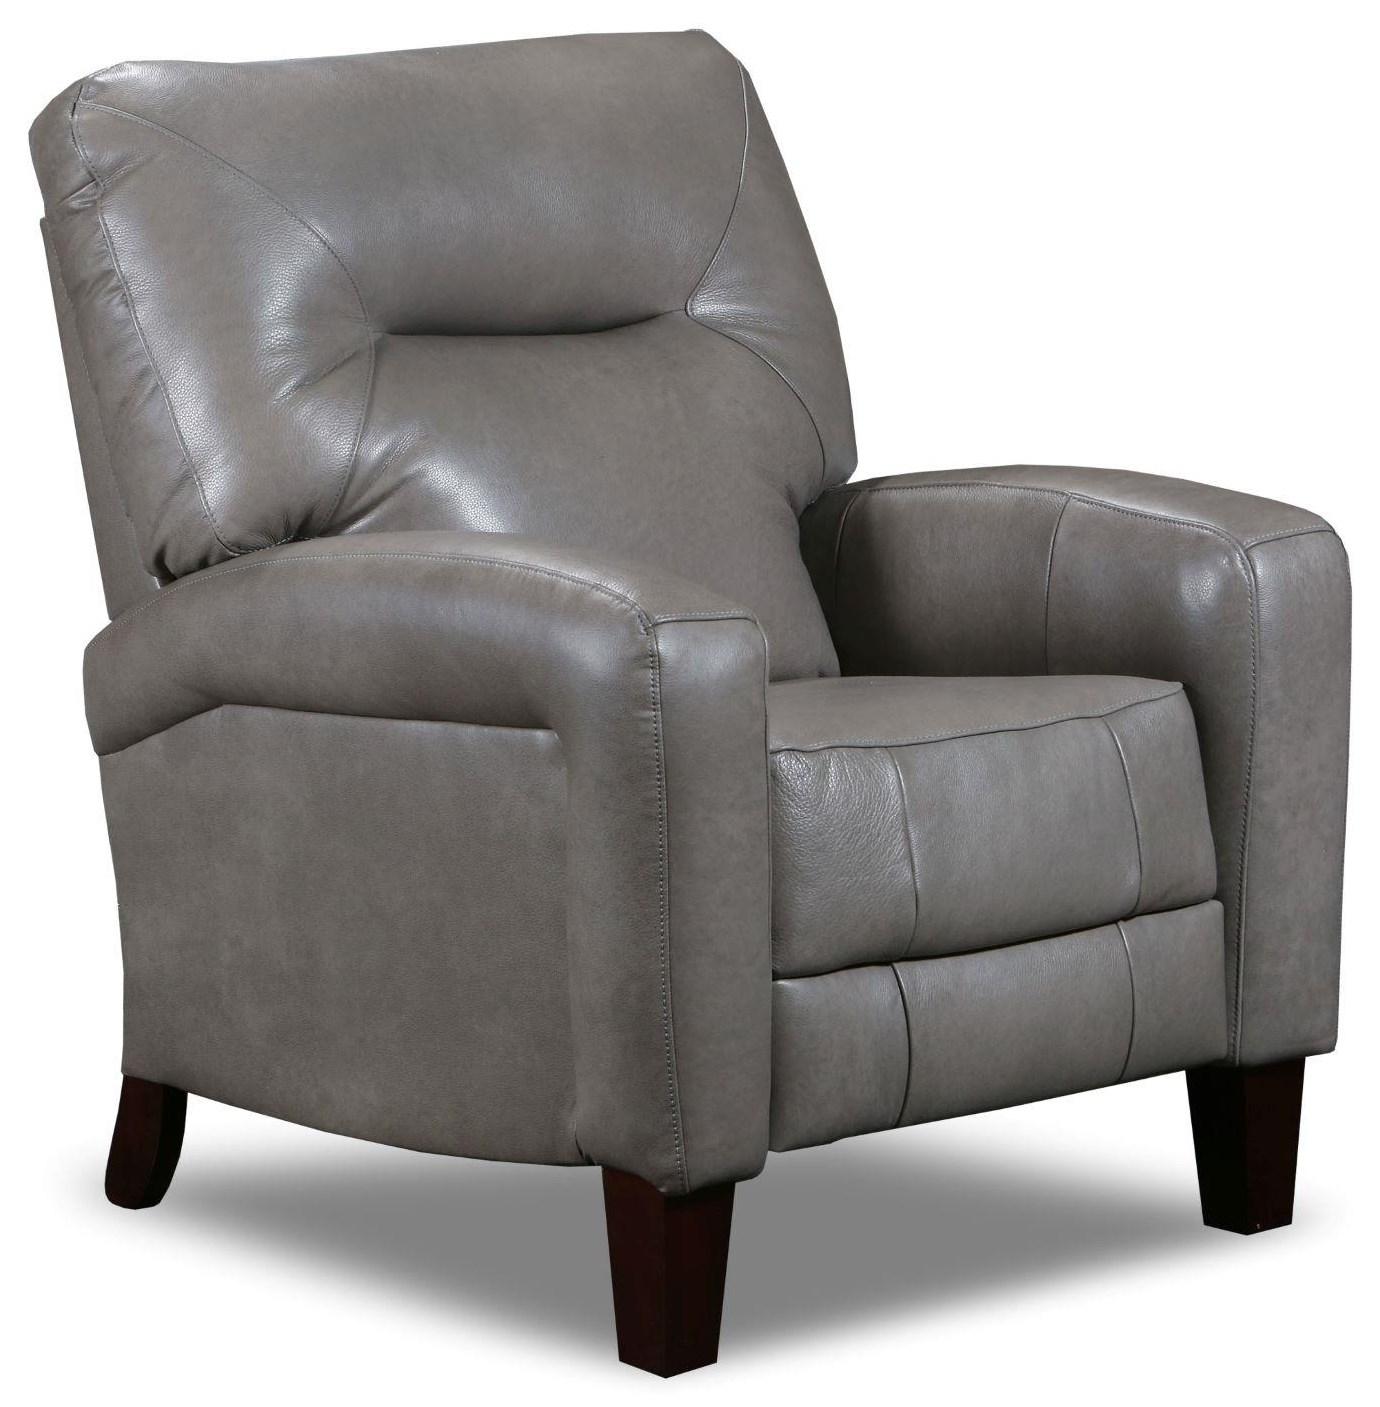 SoHo Hi-Leg Recliner by Southern Motion at Crowley Furniture & Mattress